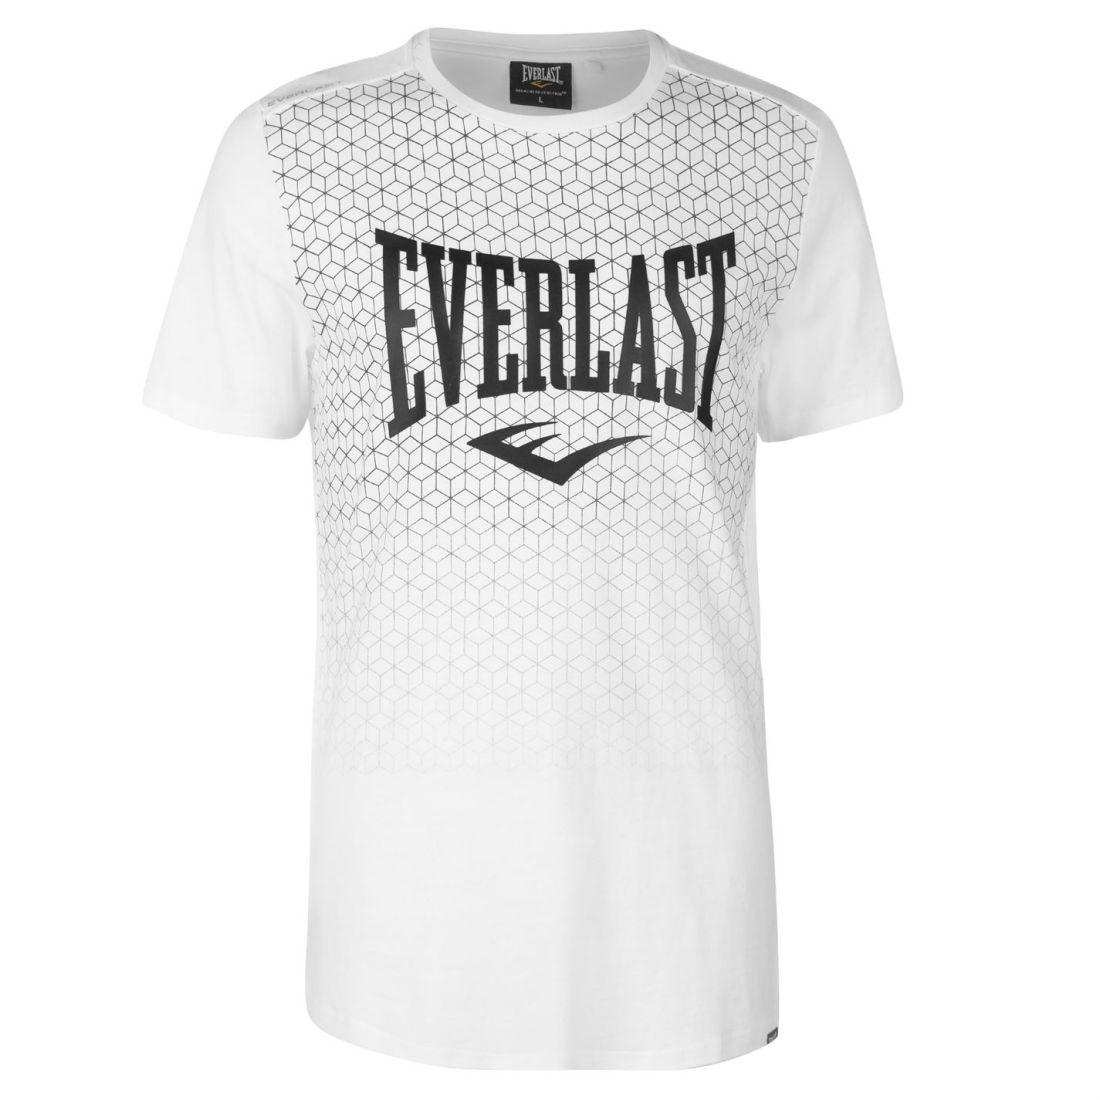 Dettagli su Everlast Da Uomo Stampa Geometrica T shirt Girocollo Tee Top Manica Corta Cotone mostra il titolo originale